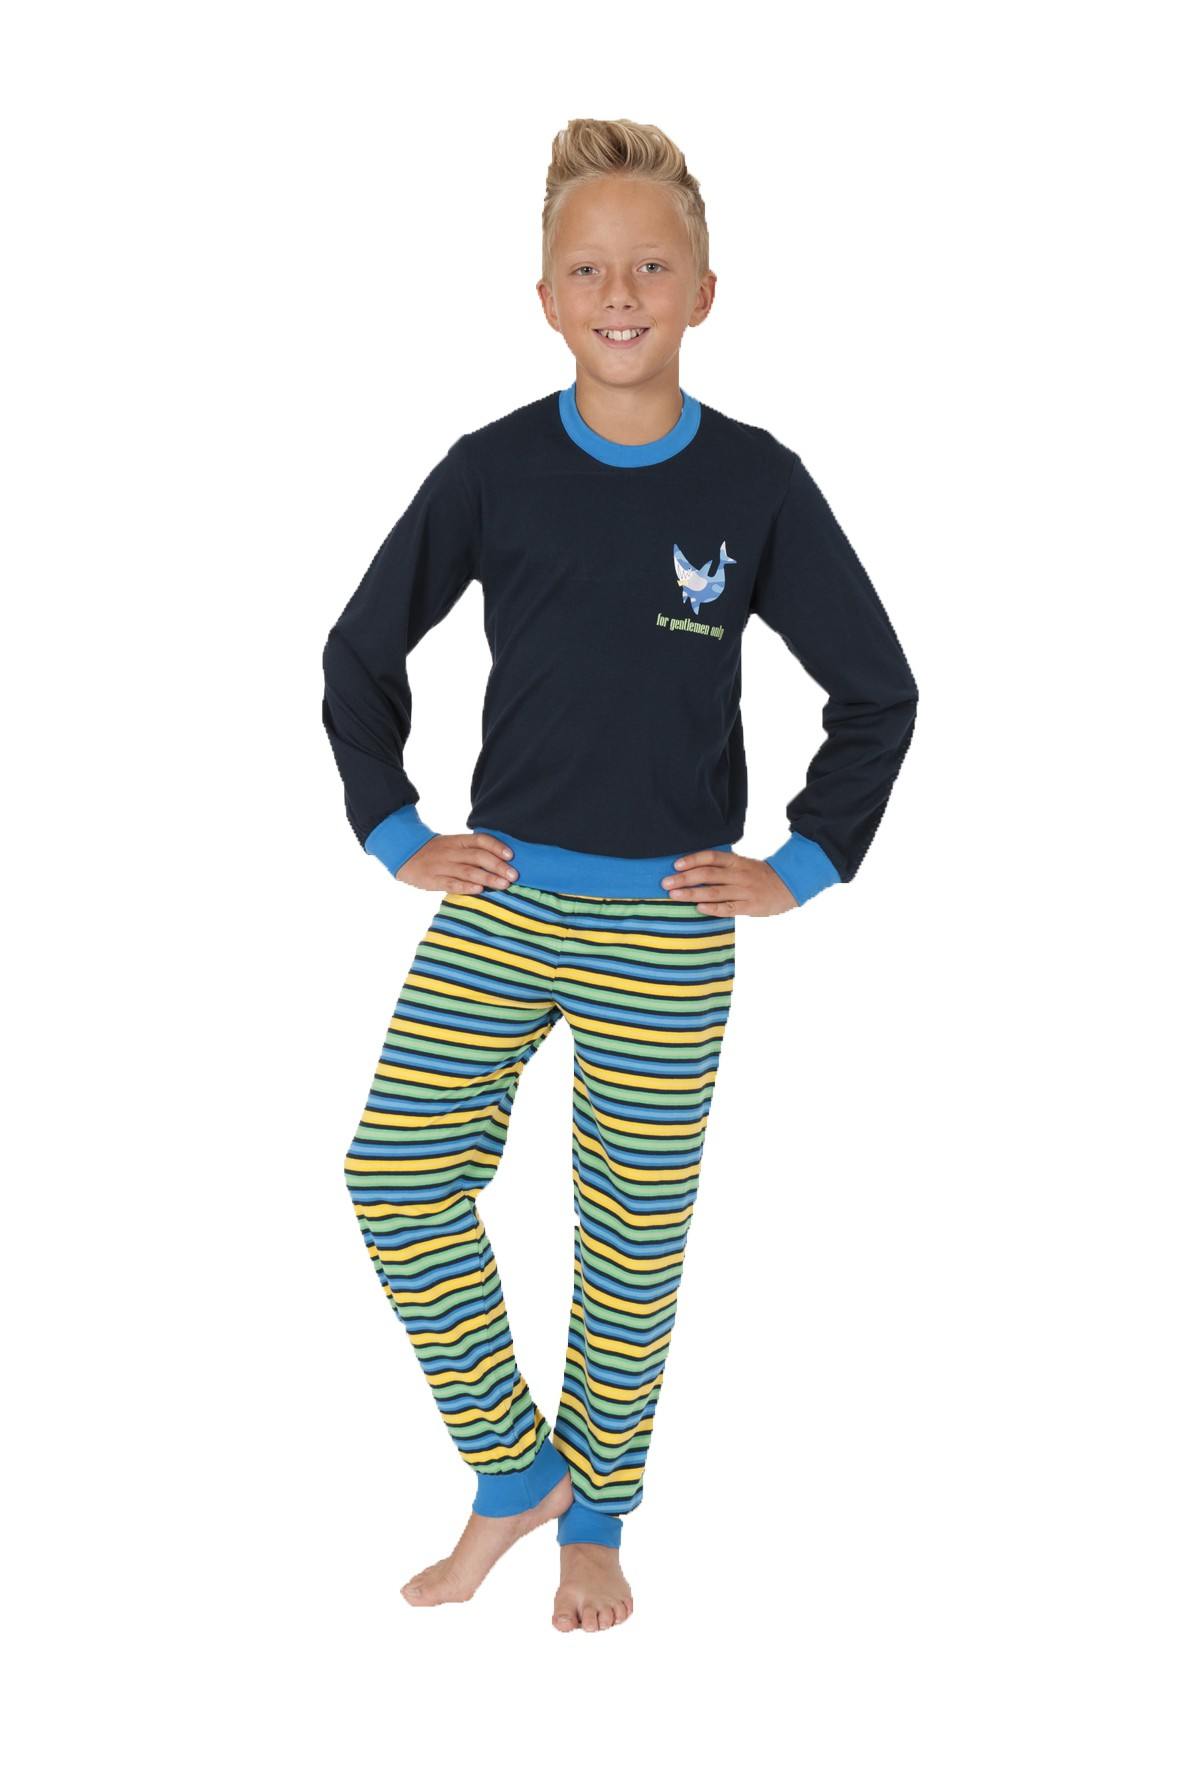 Jungen Pyjama Schlafanzug langarm mit Bündchen und gestreifter Hose 58500 – Bild 1